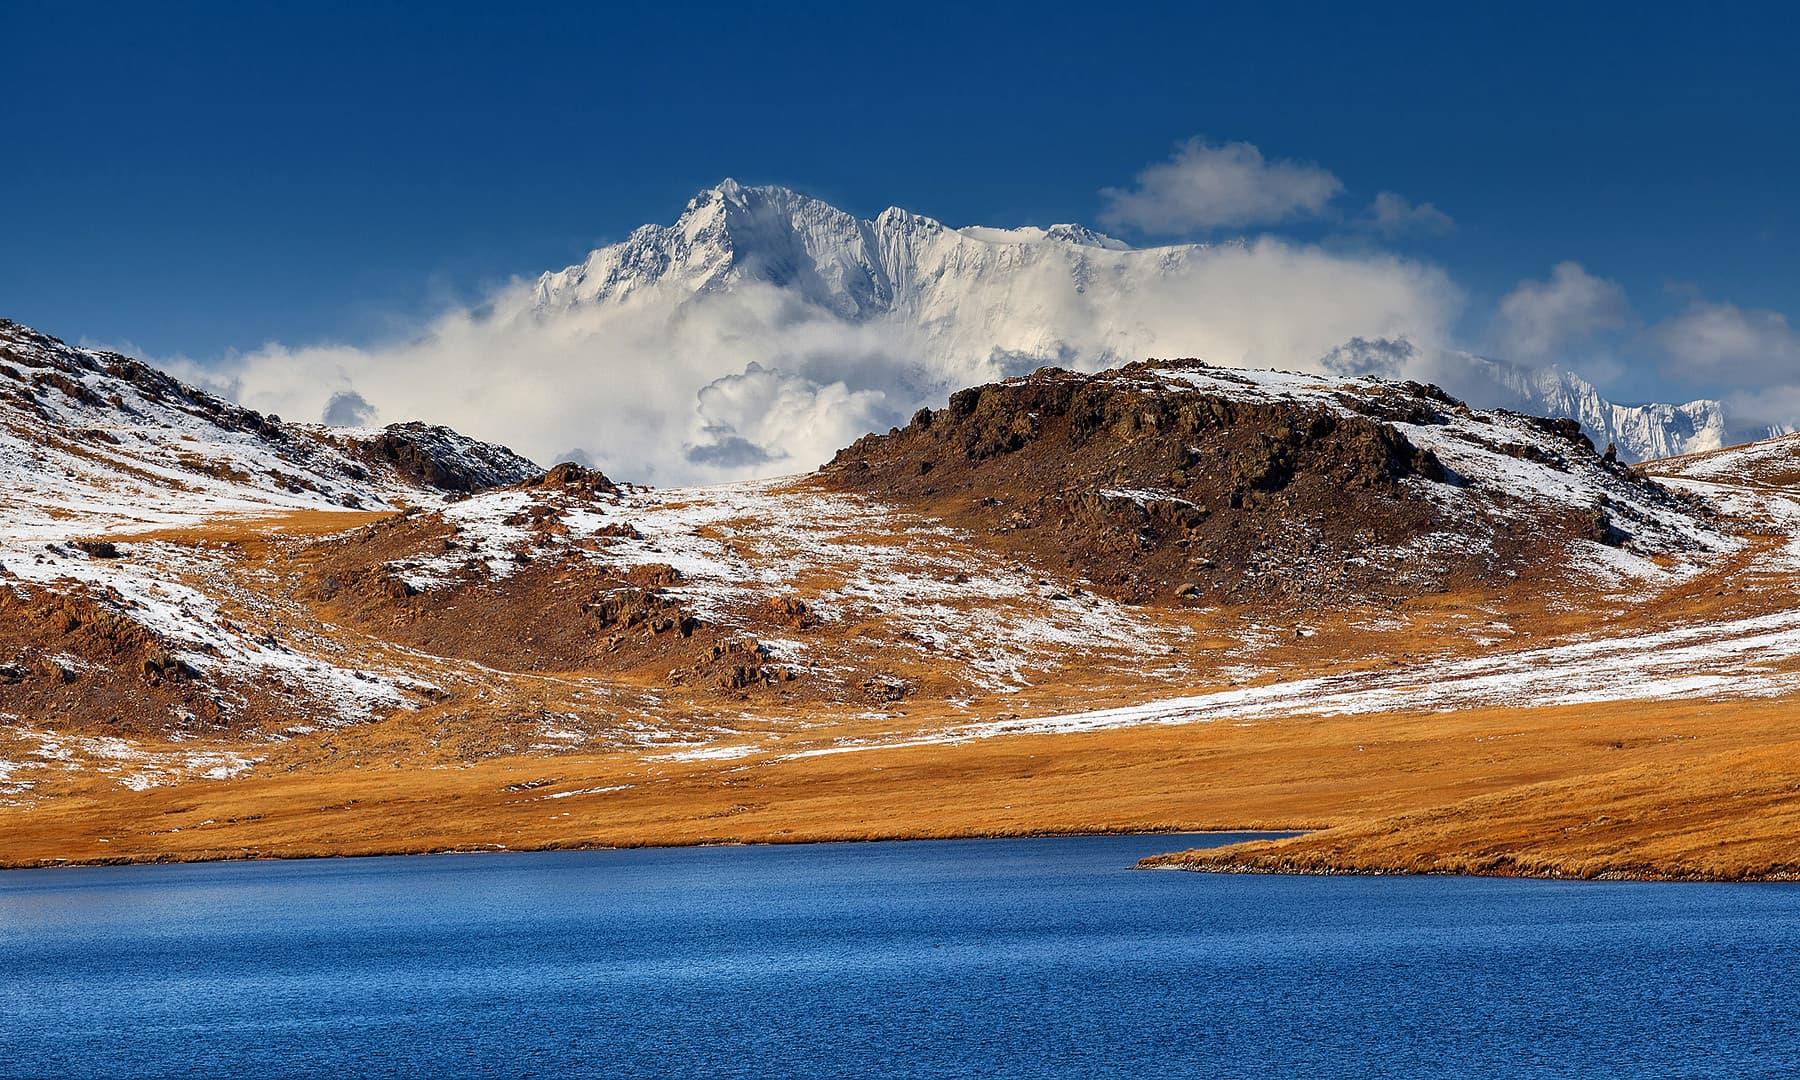 شیوسر جھیل کے پیچھے نانگا پربت کا نظارہ — فوٹو بشکریہ سید مہدی بخاری